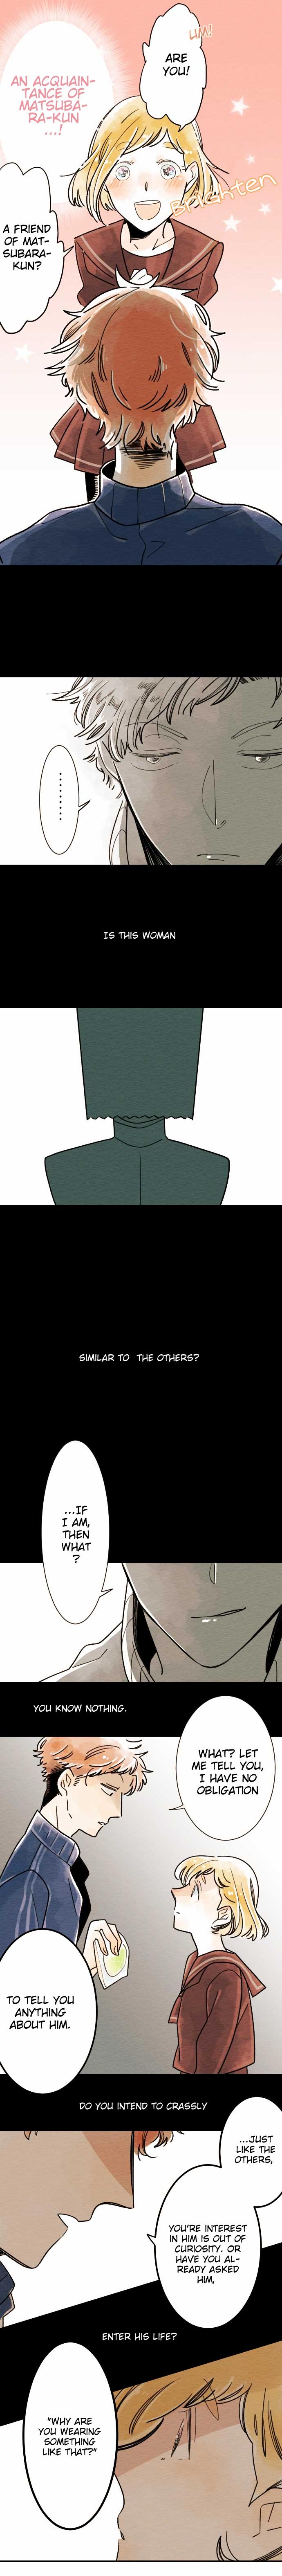 Koe koi - Chapter 4